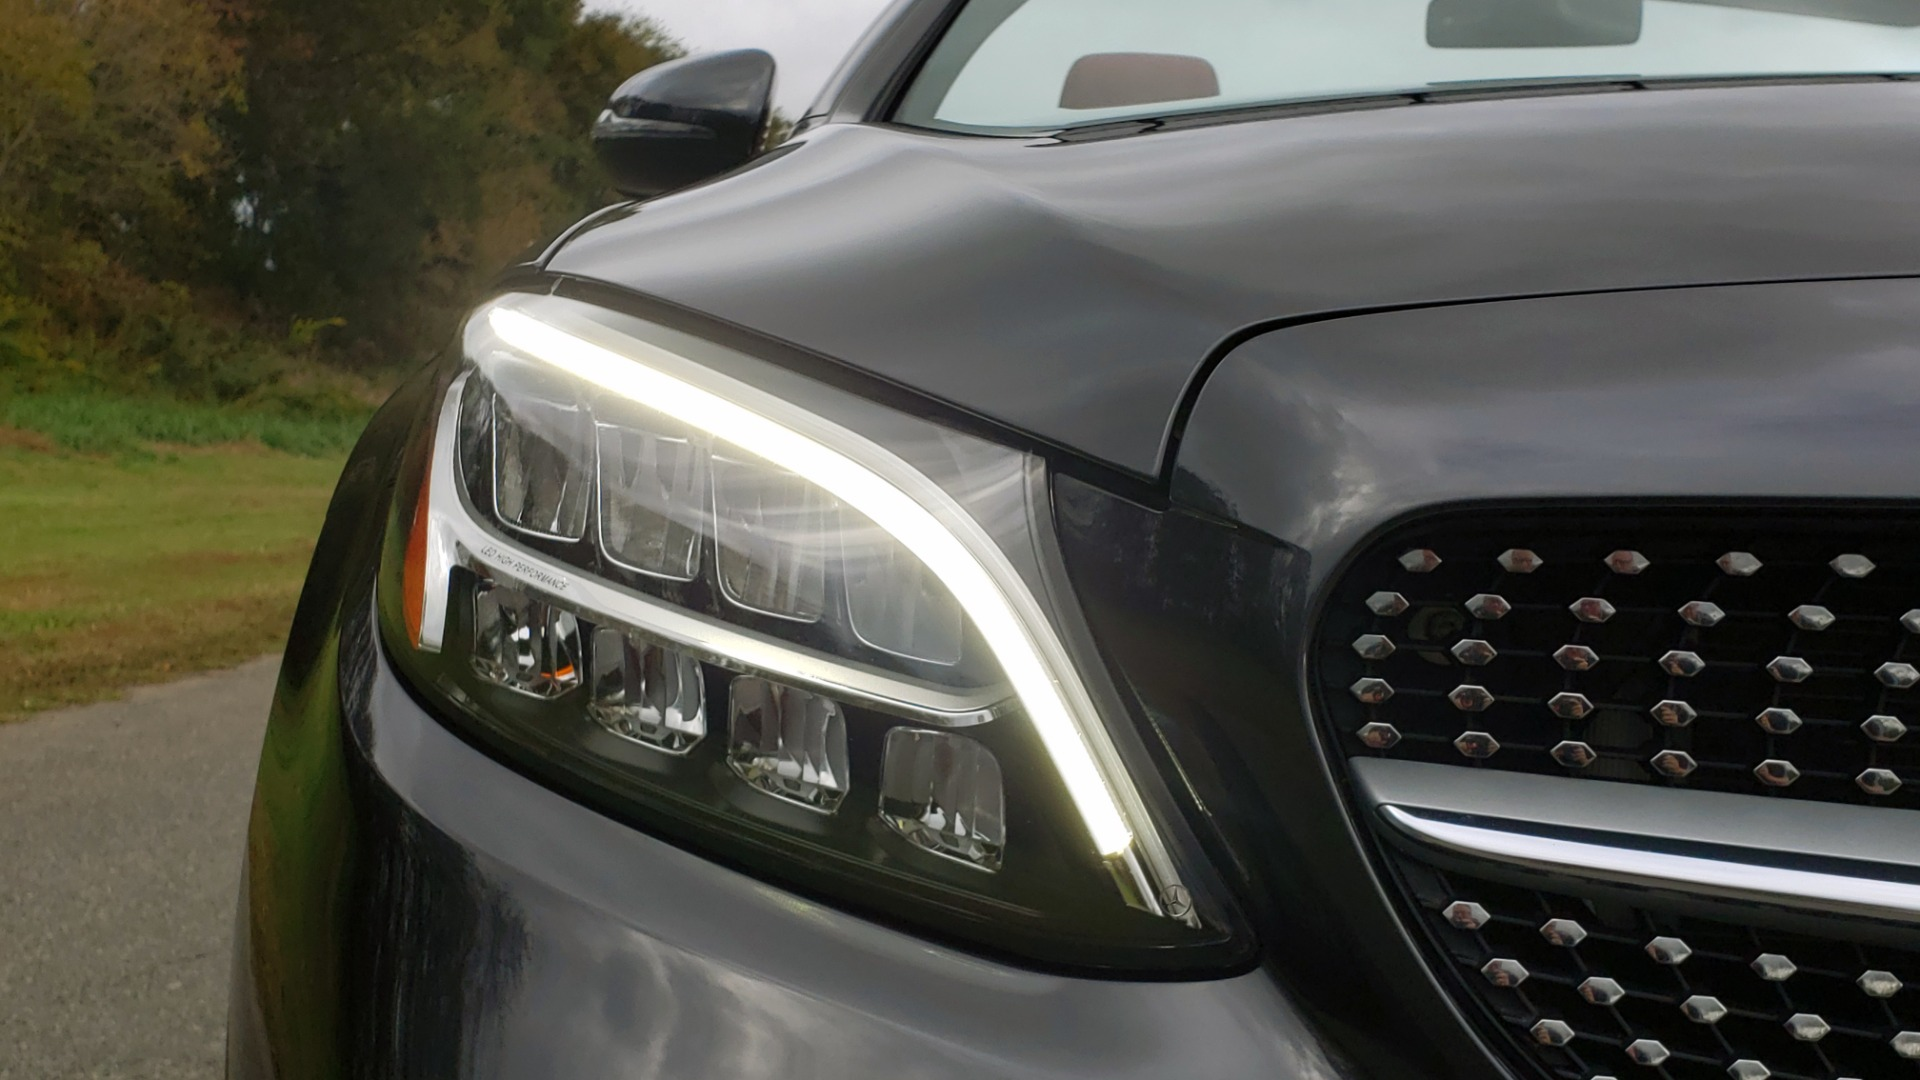 Used 2019 Mercedes-Benz C-CLASS C 300 CABRIOLET / PREM PKG / NAV / BURMESTER / MULTIMEDIA for sale Sold at Formula Imports in Charlotte NC 28227 16